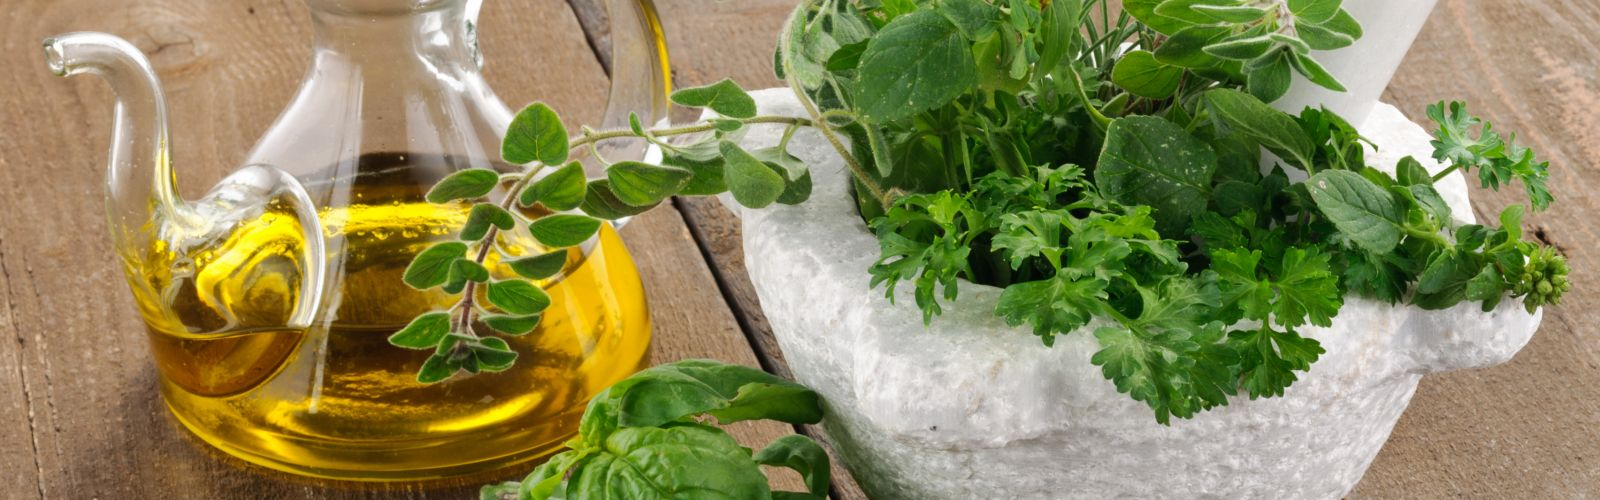 fresh herbs on a table